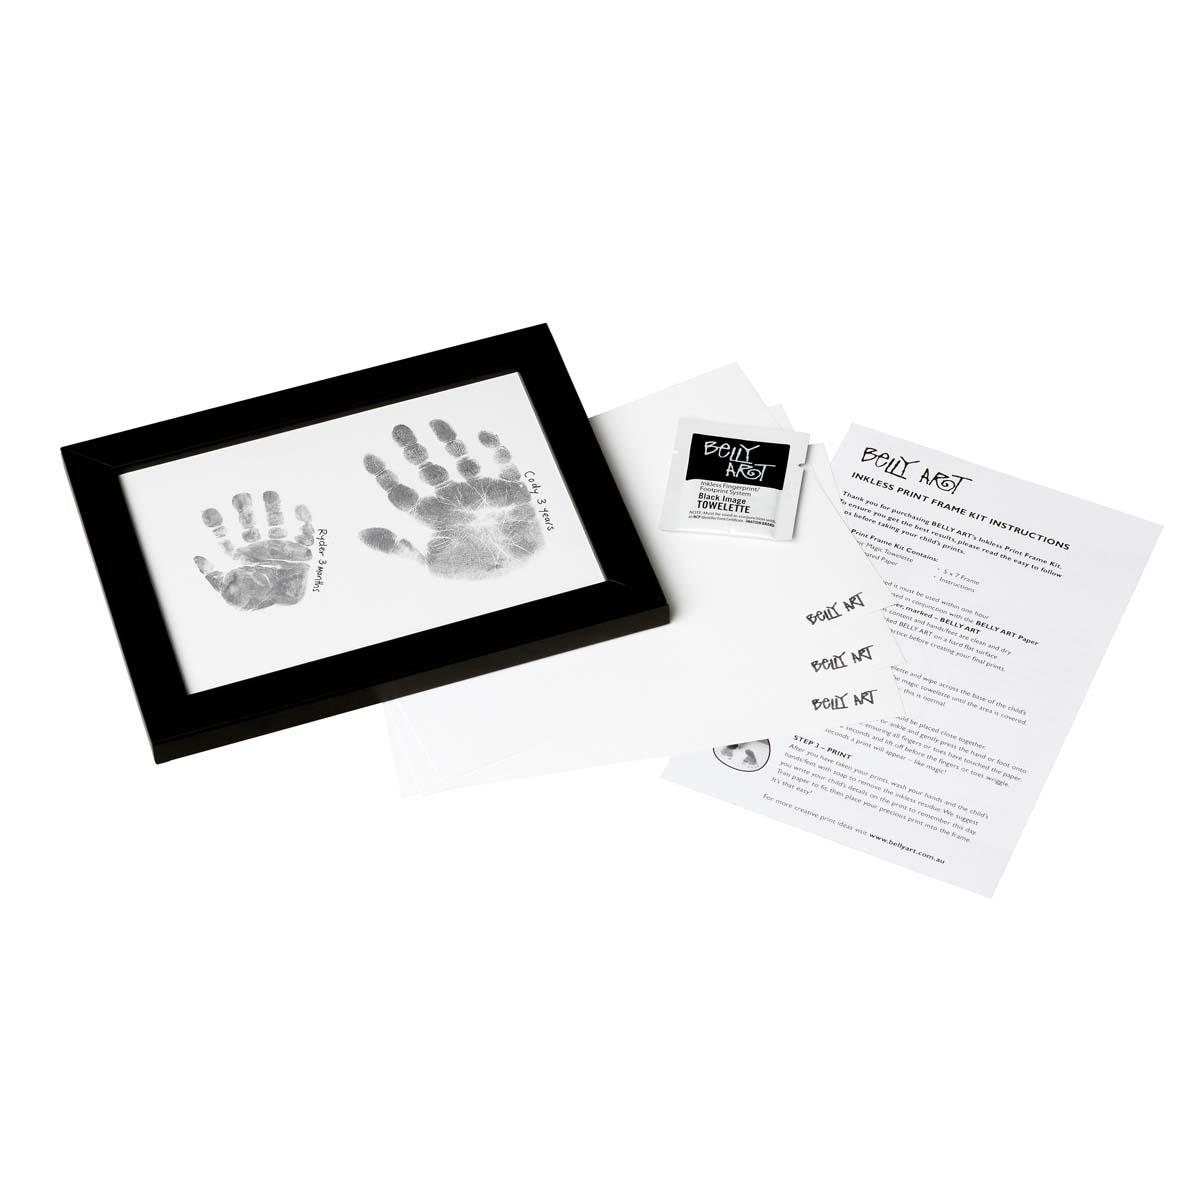 Belly Art Framed inkless print kit